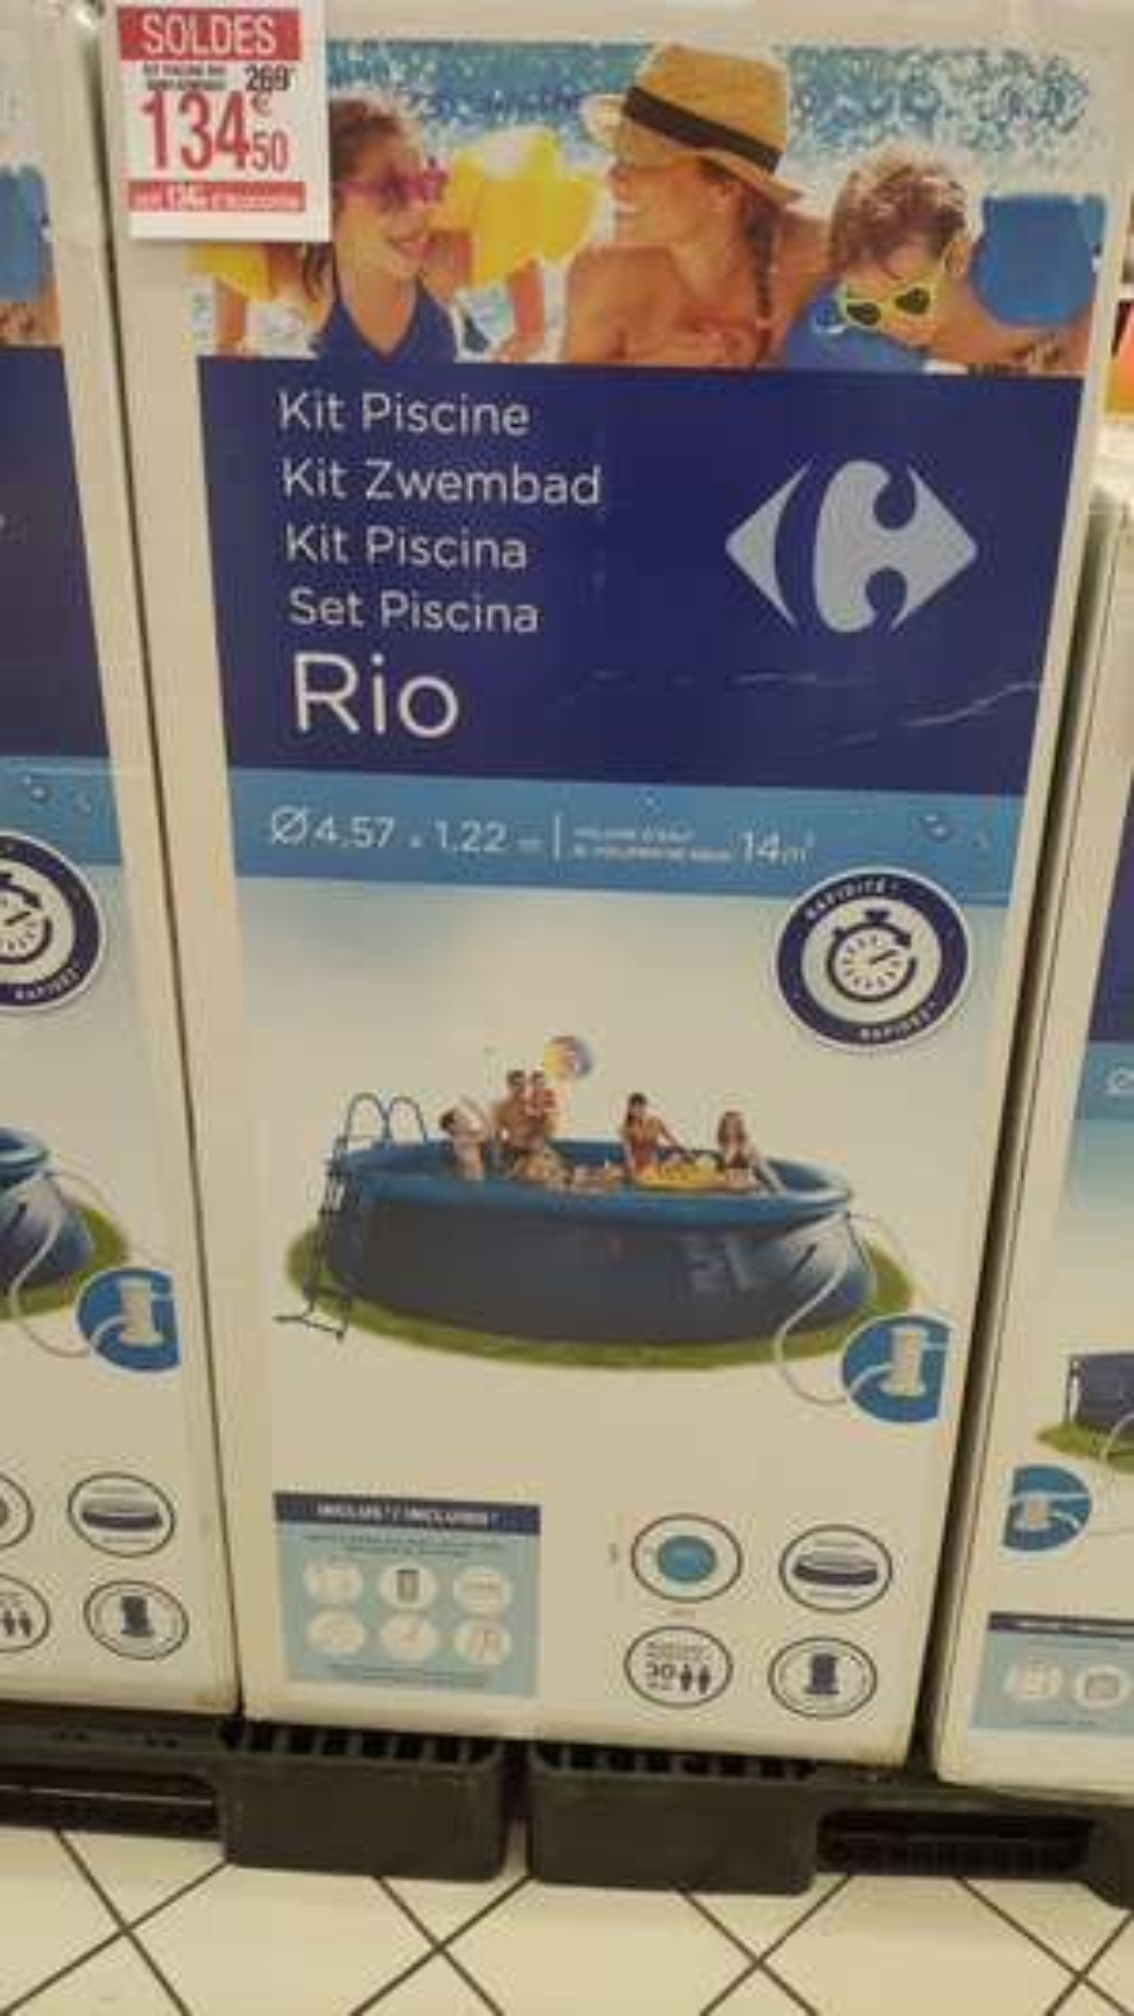 Piscine autoportée Carrefour Rio - 4.47x1.22 m, avec système de filtration et accessoires - Lieusaint (77)